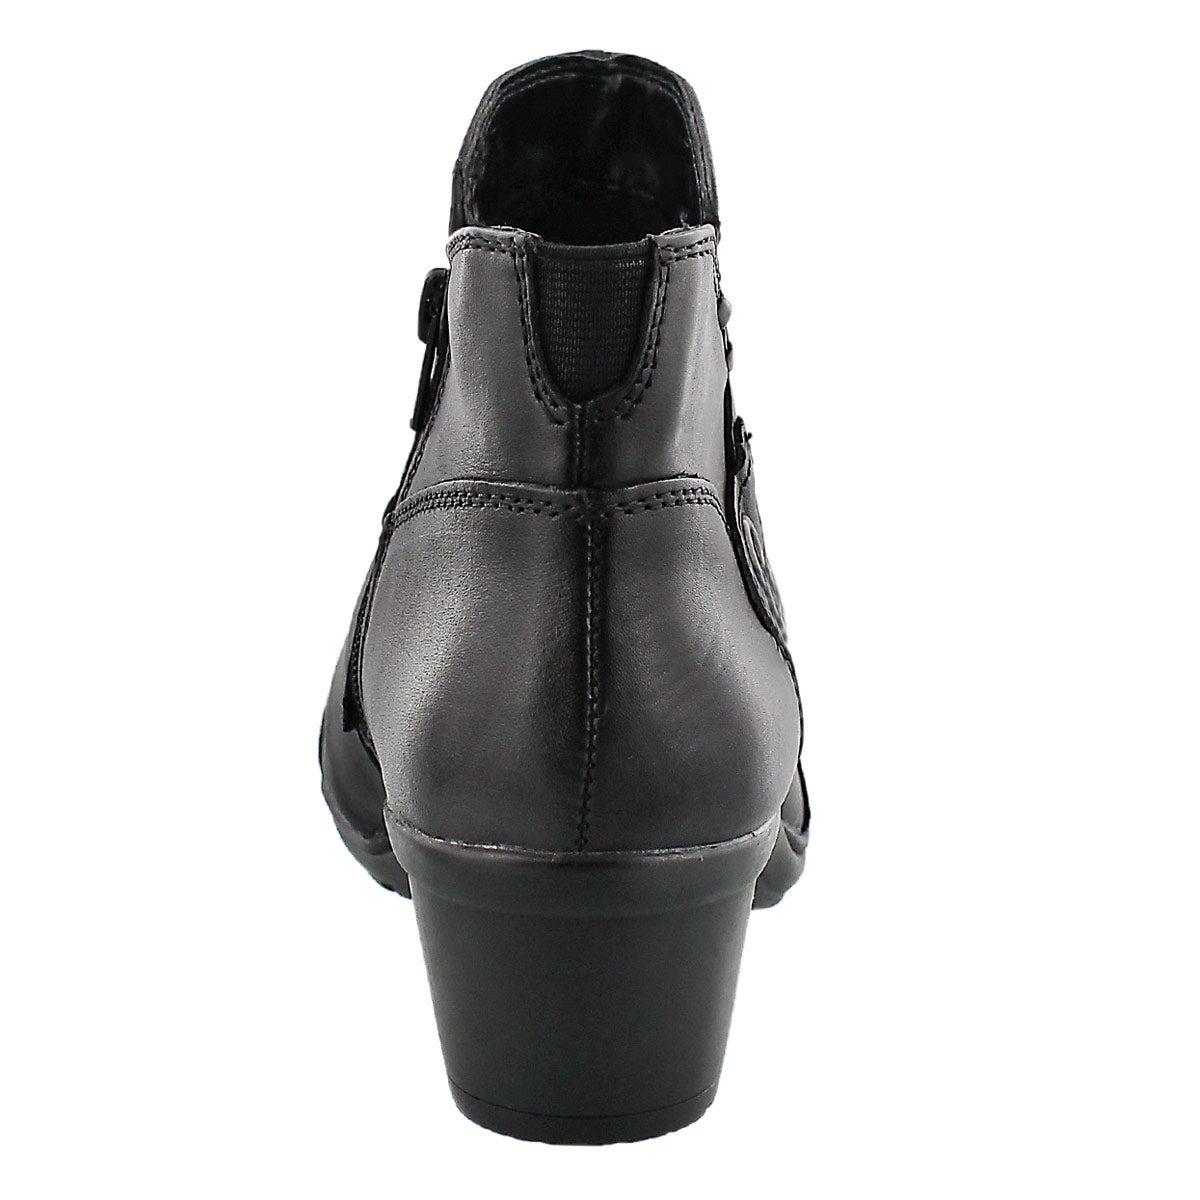 Lds Ruthie black short dress bootie